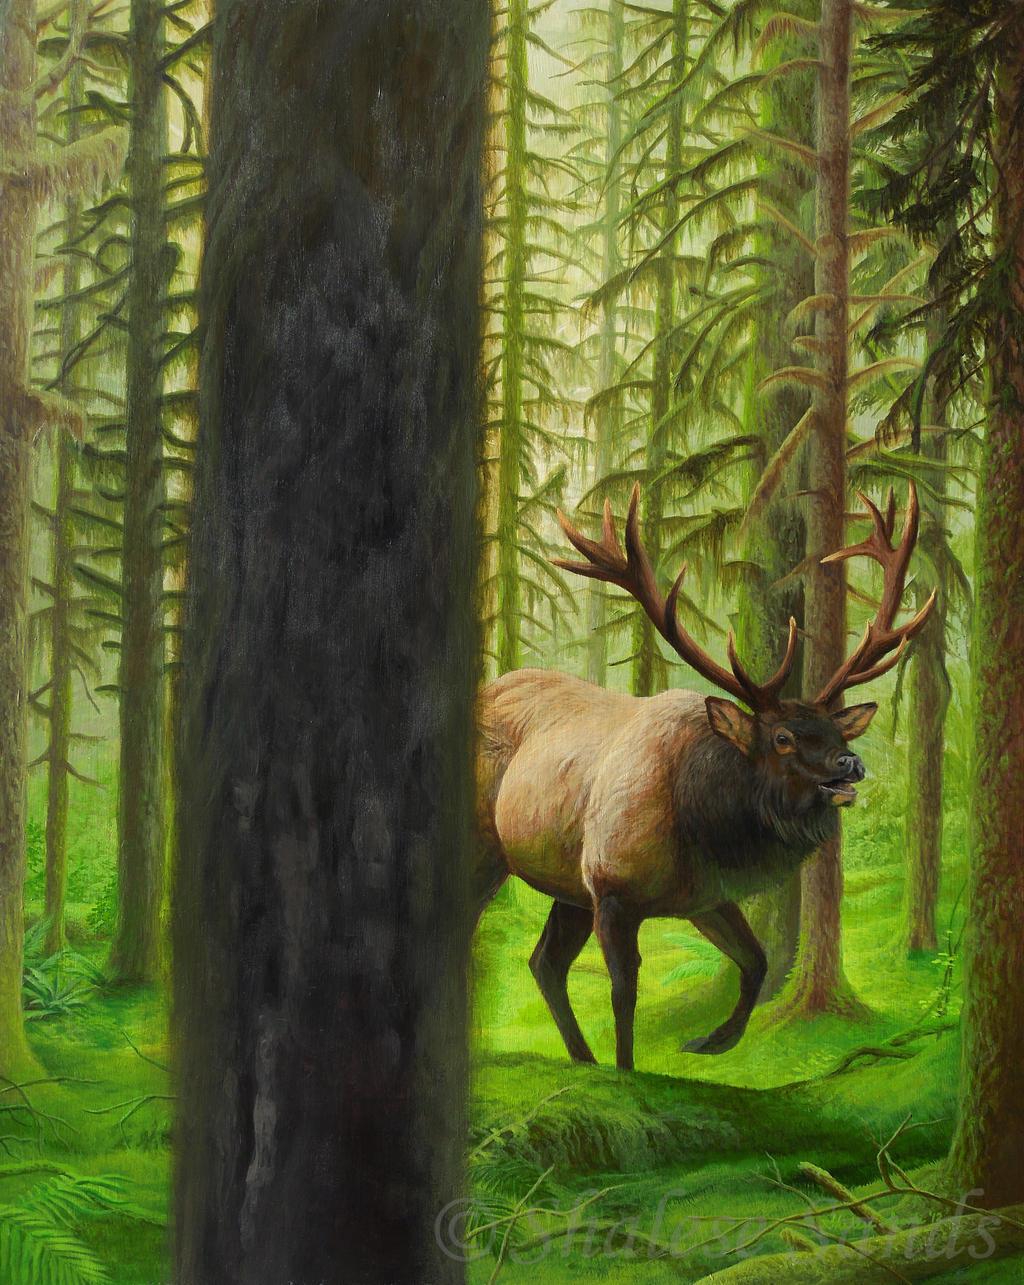 Rainforest King